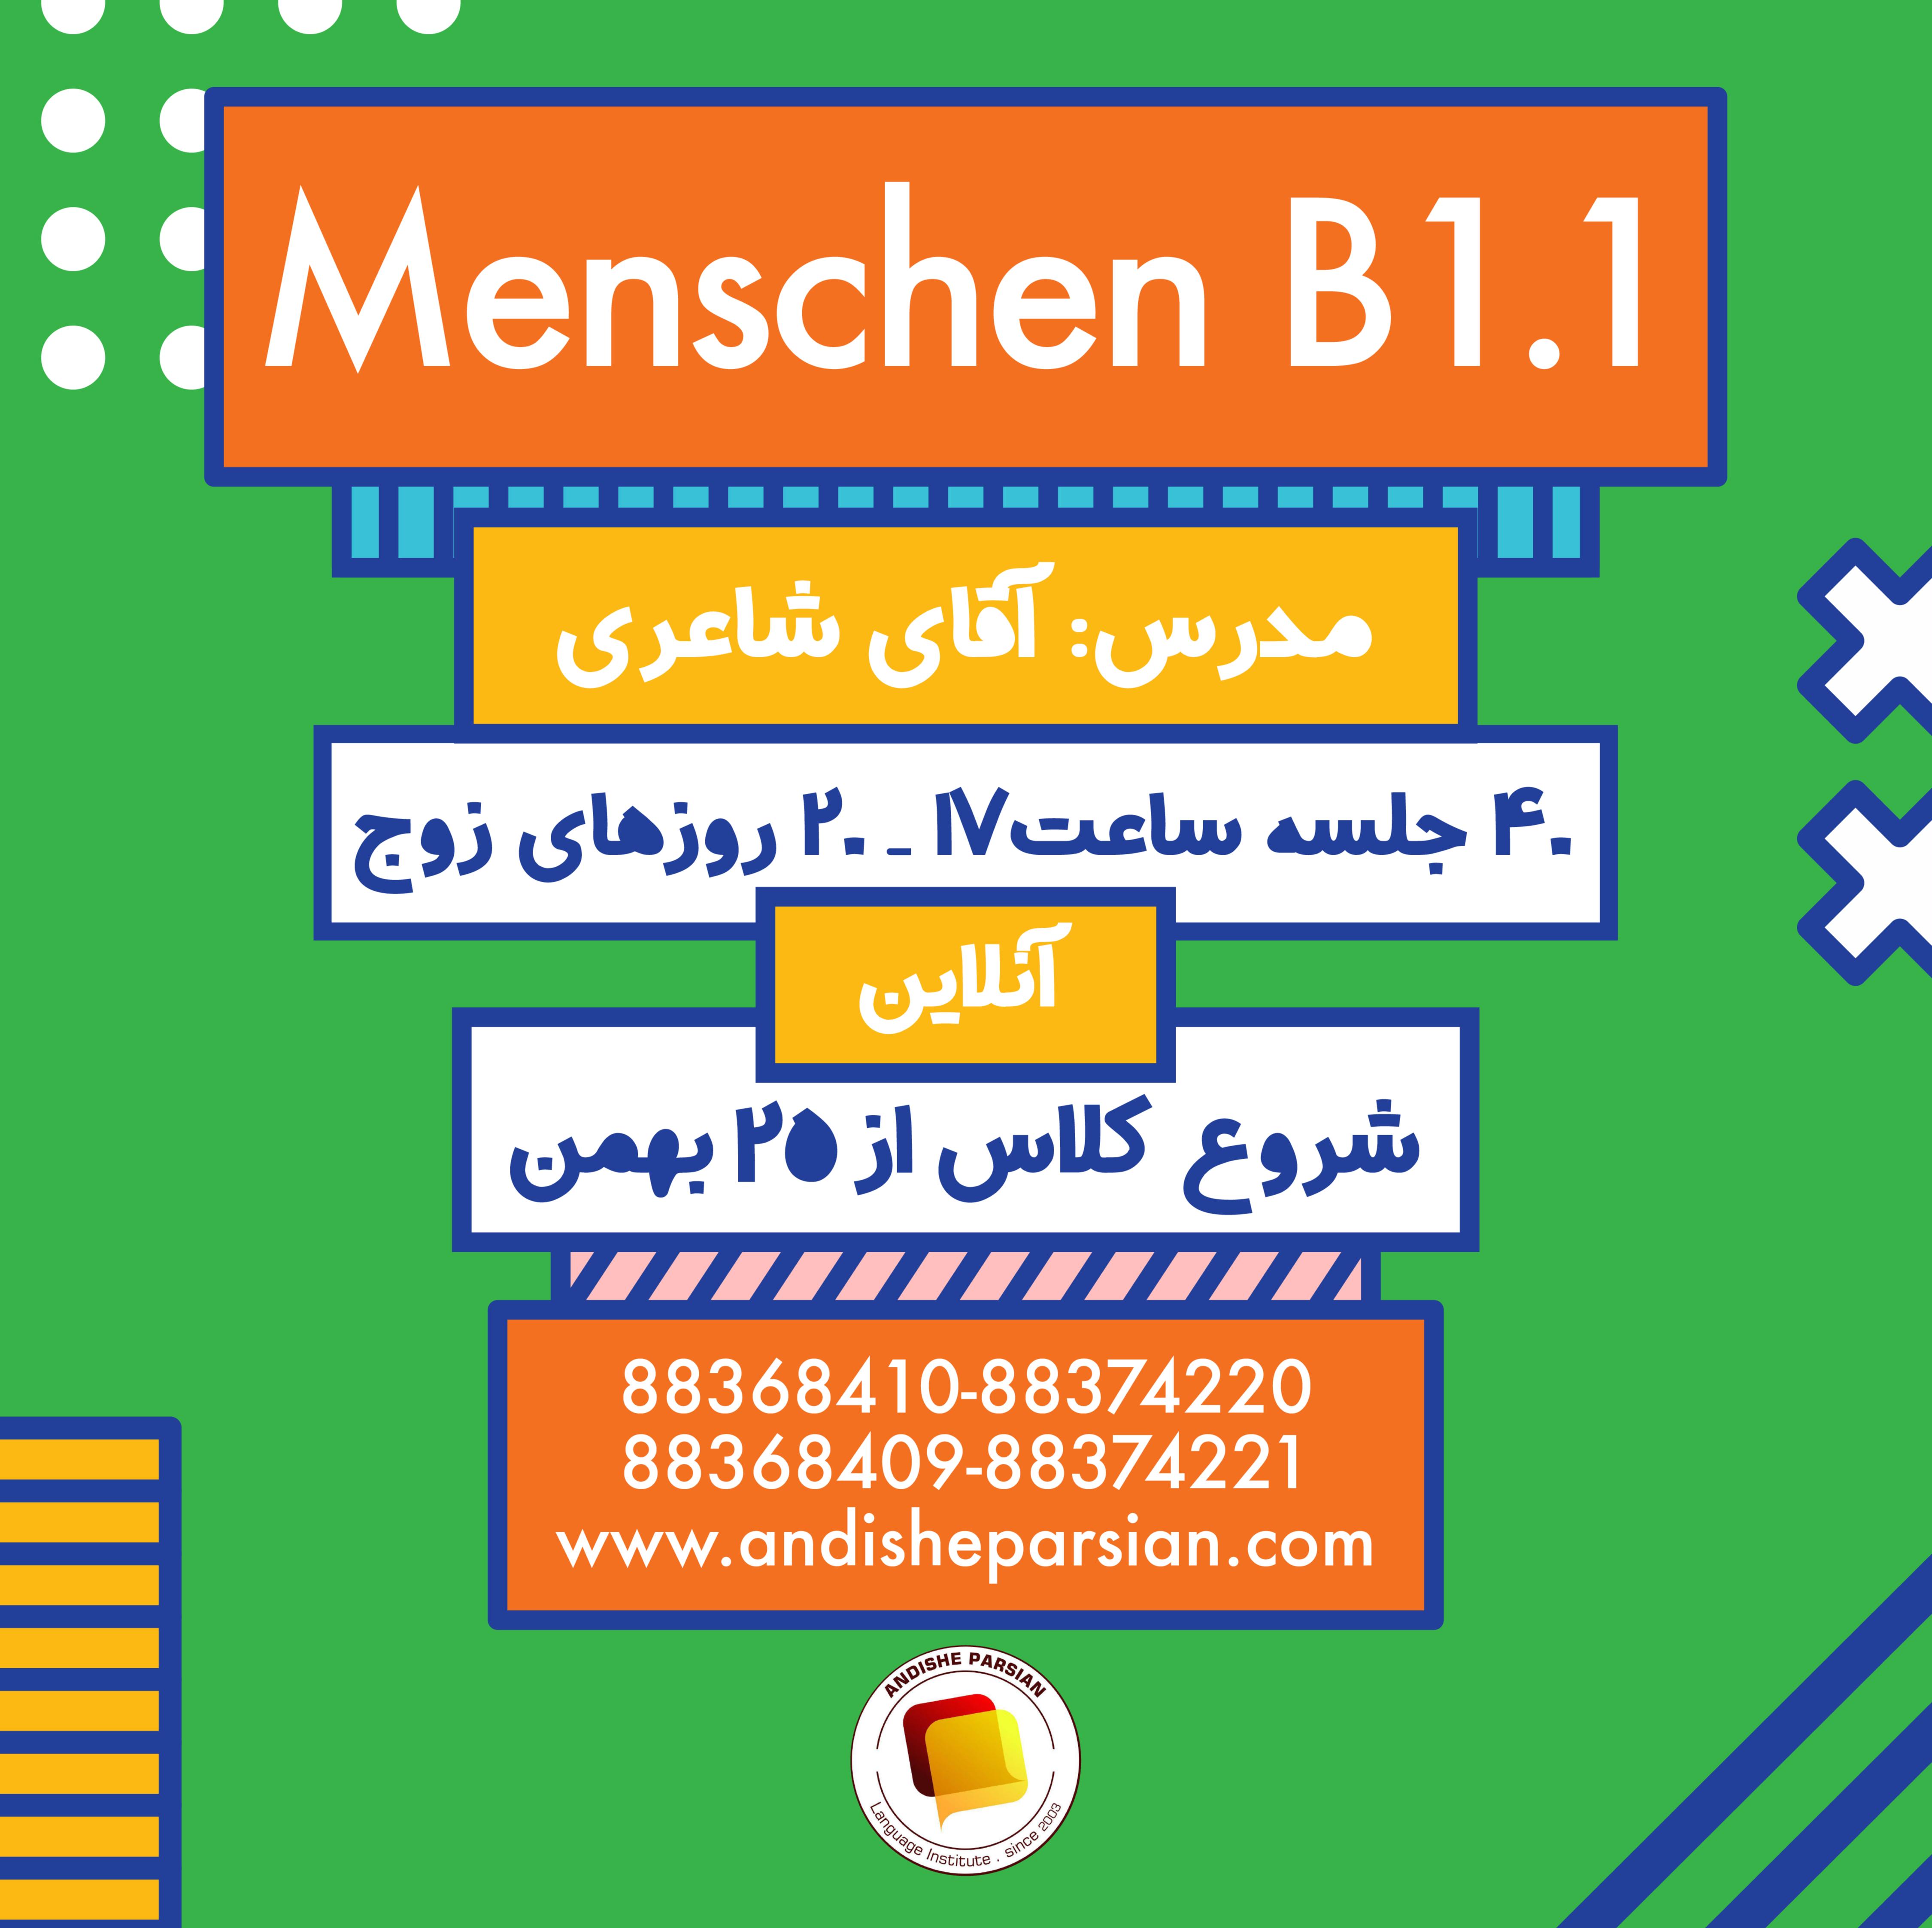 شروع دوره آموزش آلمانی - Menschen B1.1 از ۲۵ بهمن ۱۳۹۹